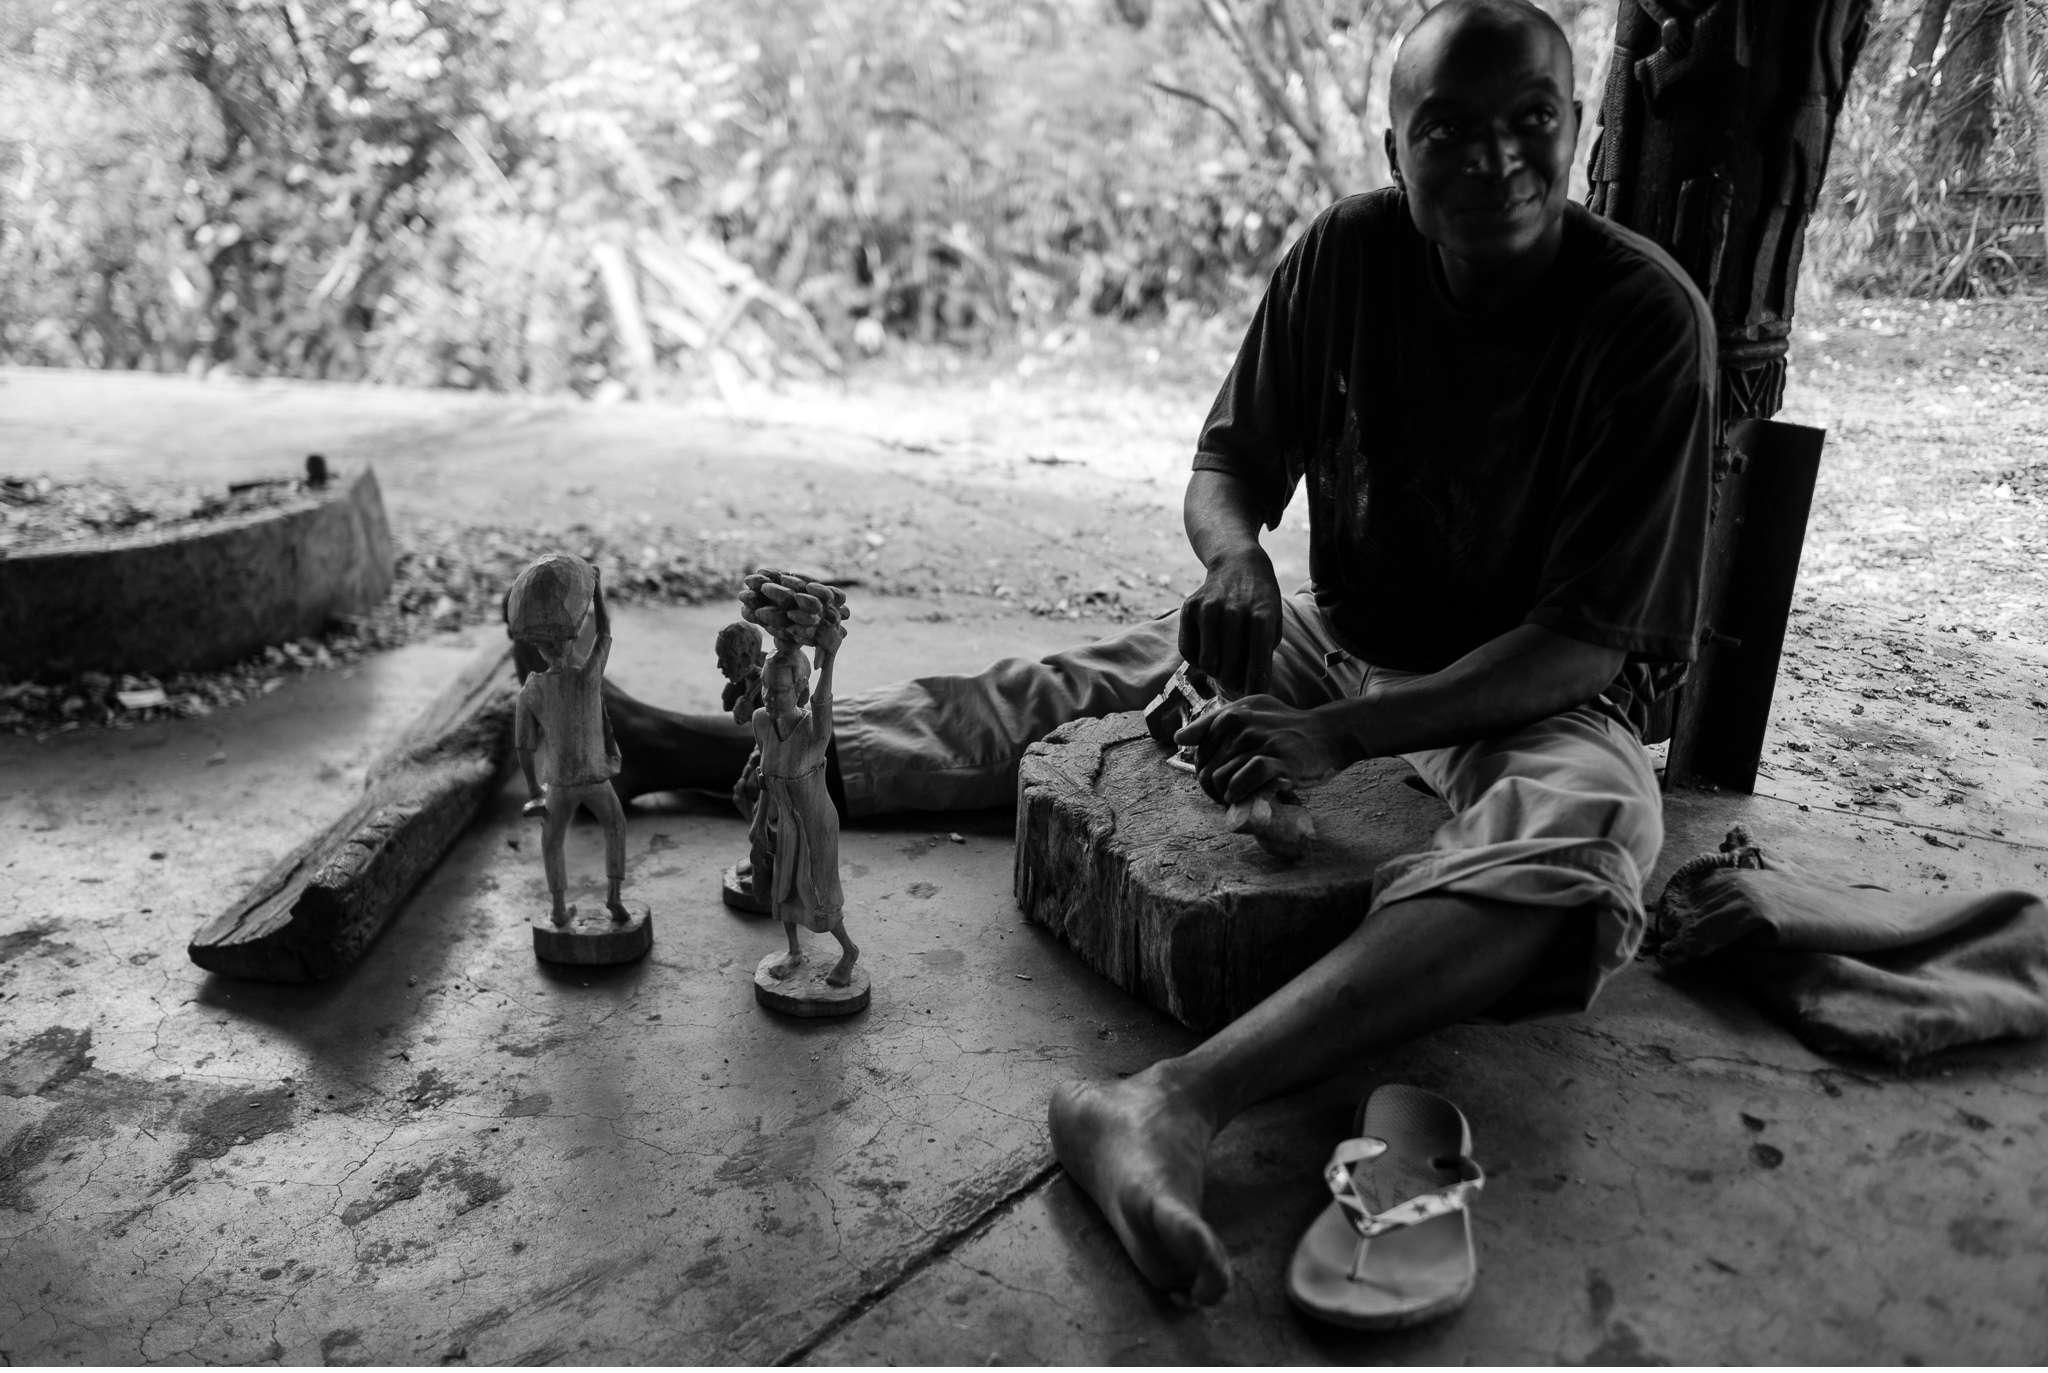 Malawi-Quer durch Afrika- Geschichten von unterwegs by Marion and Daniel-39